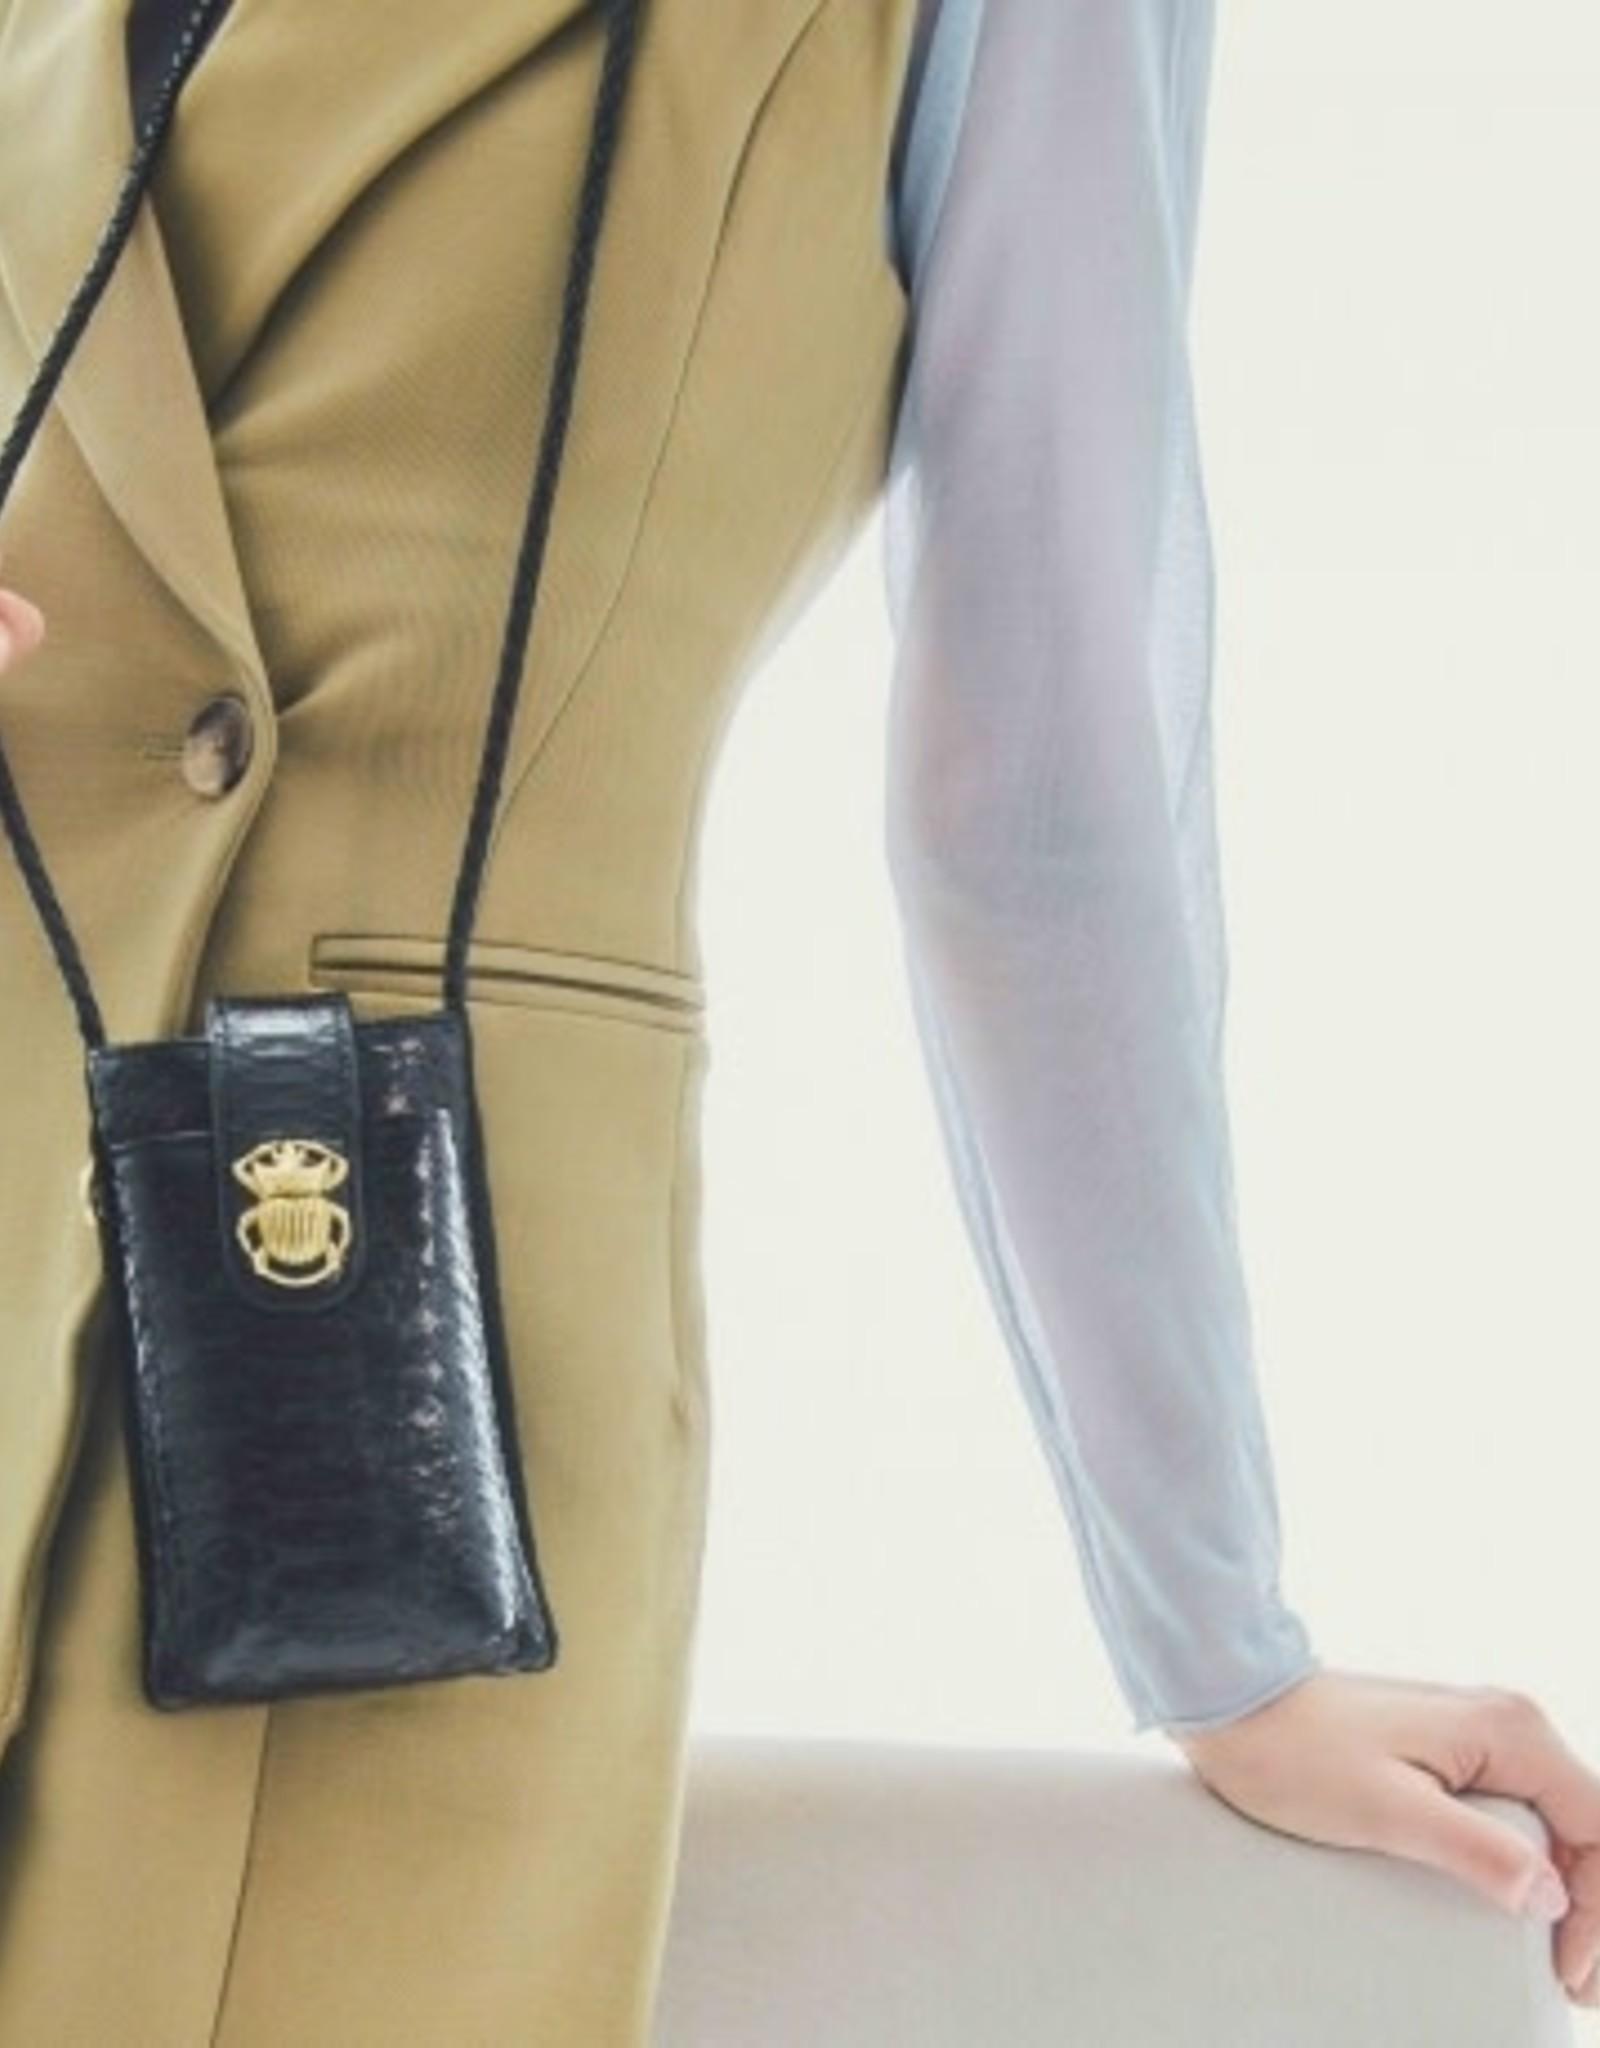 Claris Virot Double Marcus Phone Bag